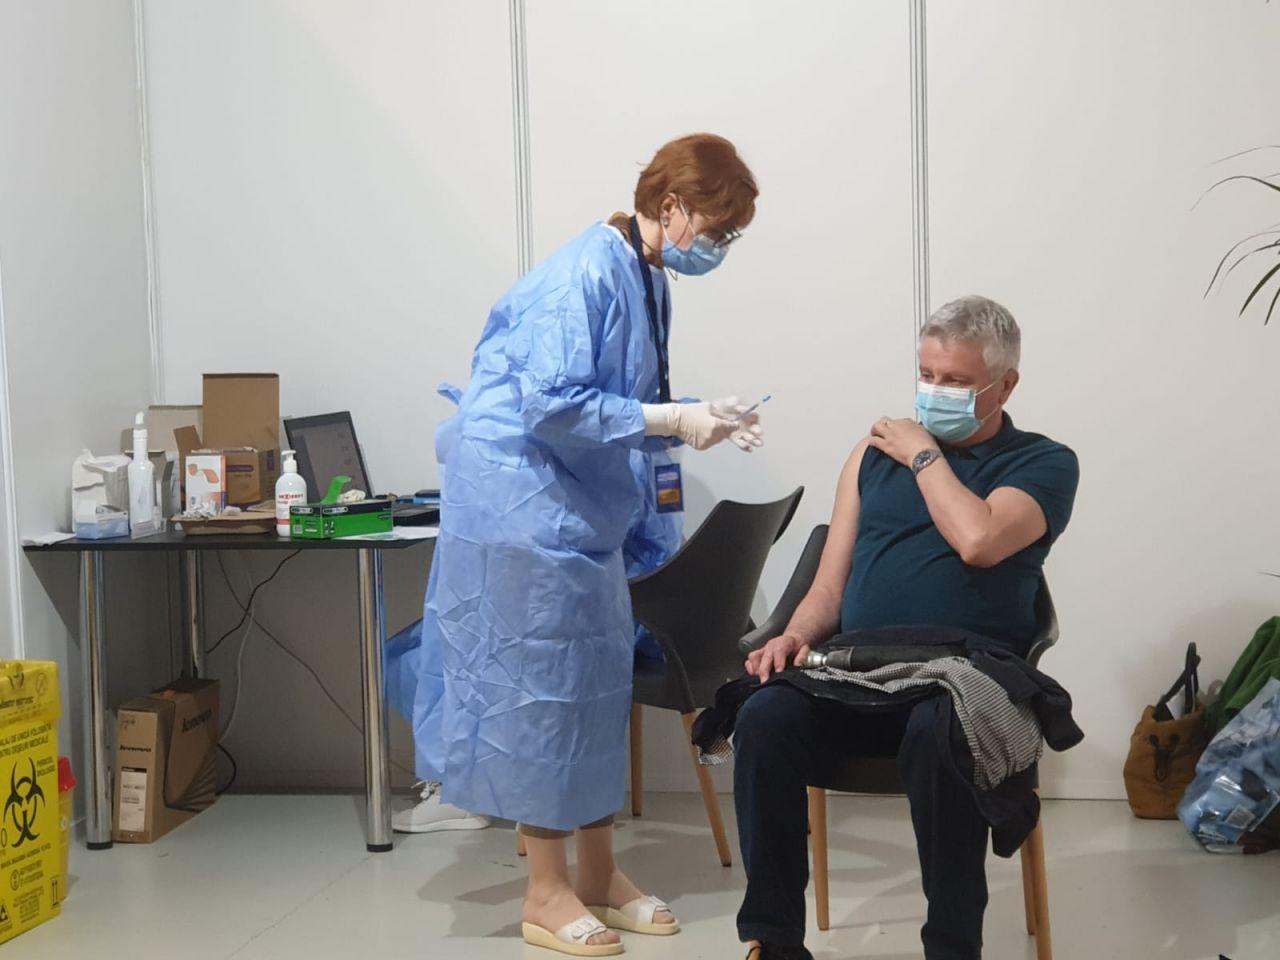 Campania de vaccinare, un eșec la nivel național! Doar 25% din populația eligibilă a fost imunizată